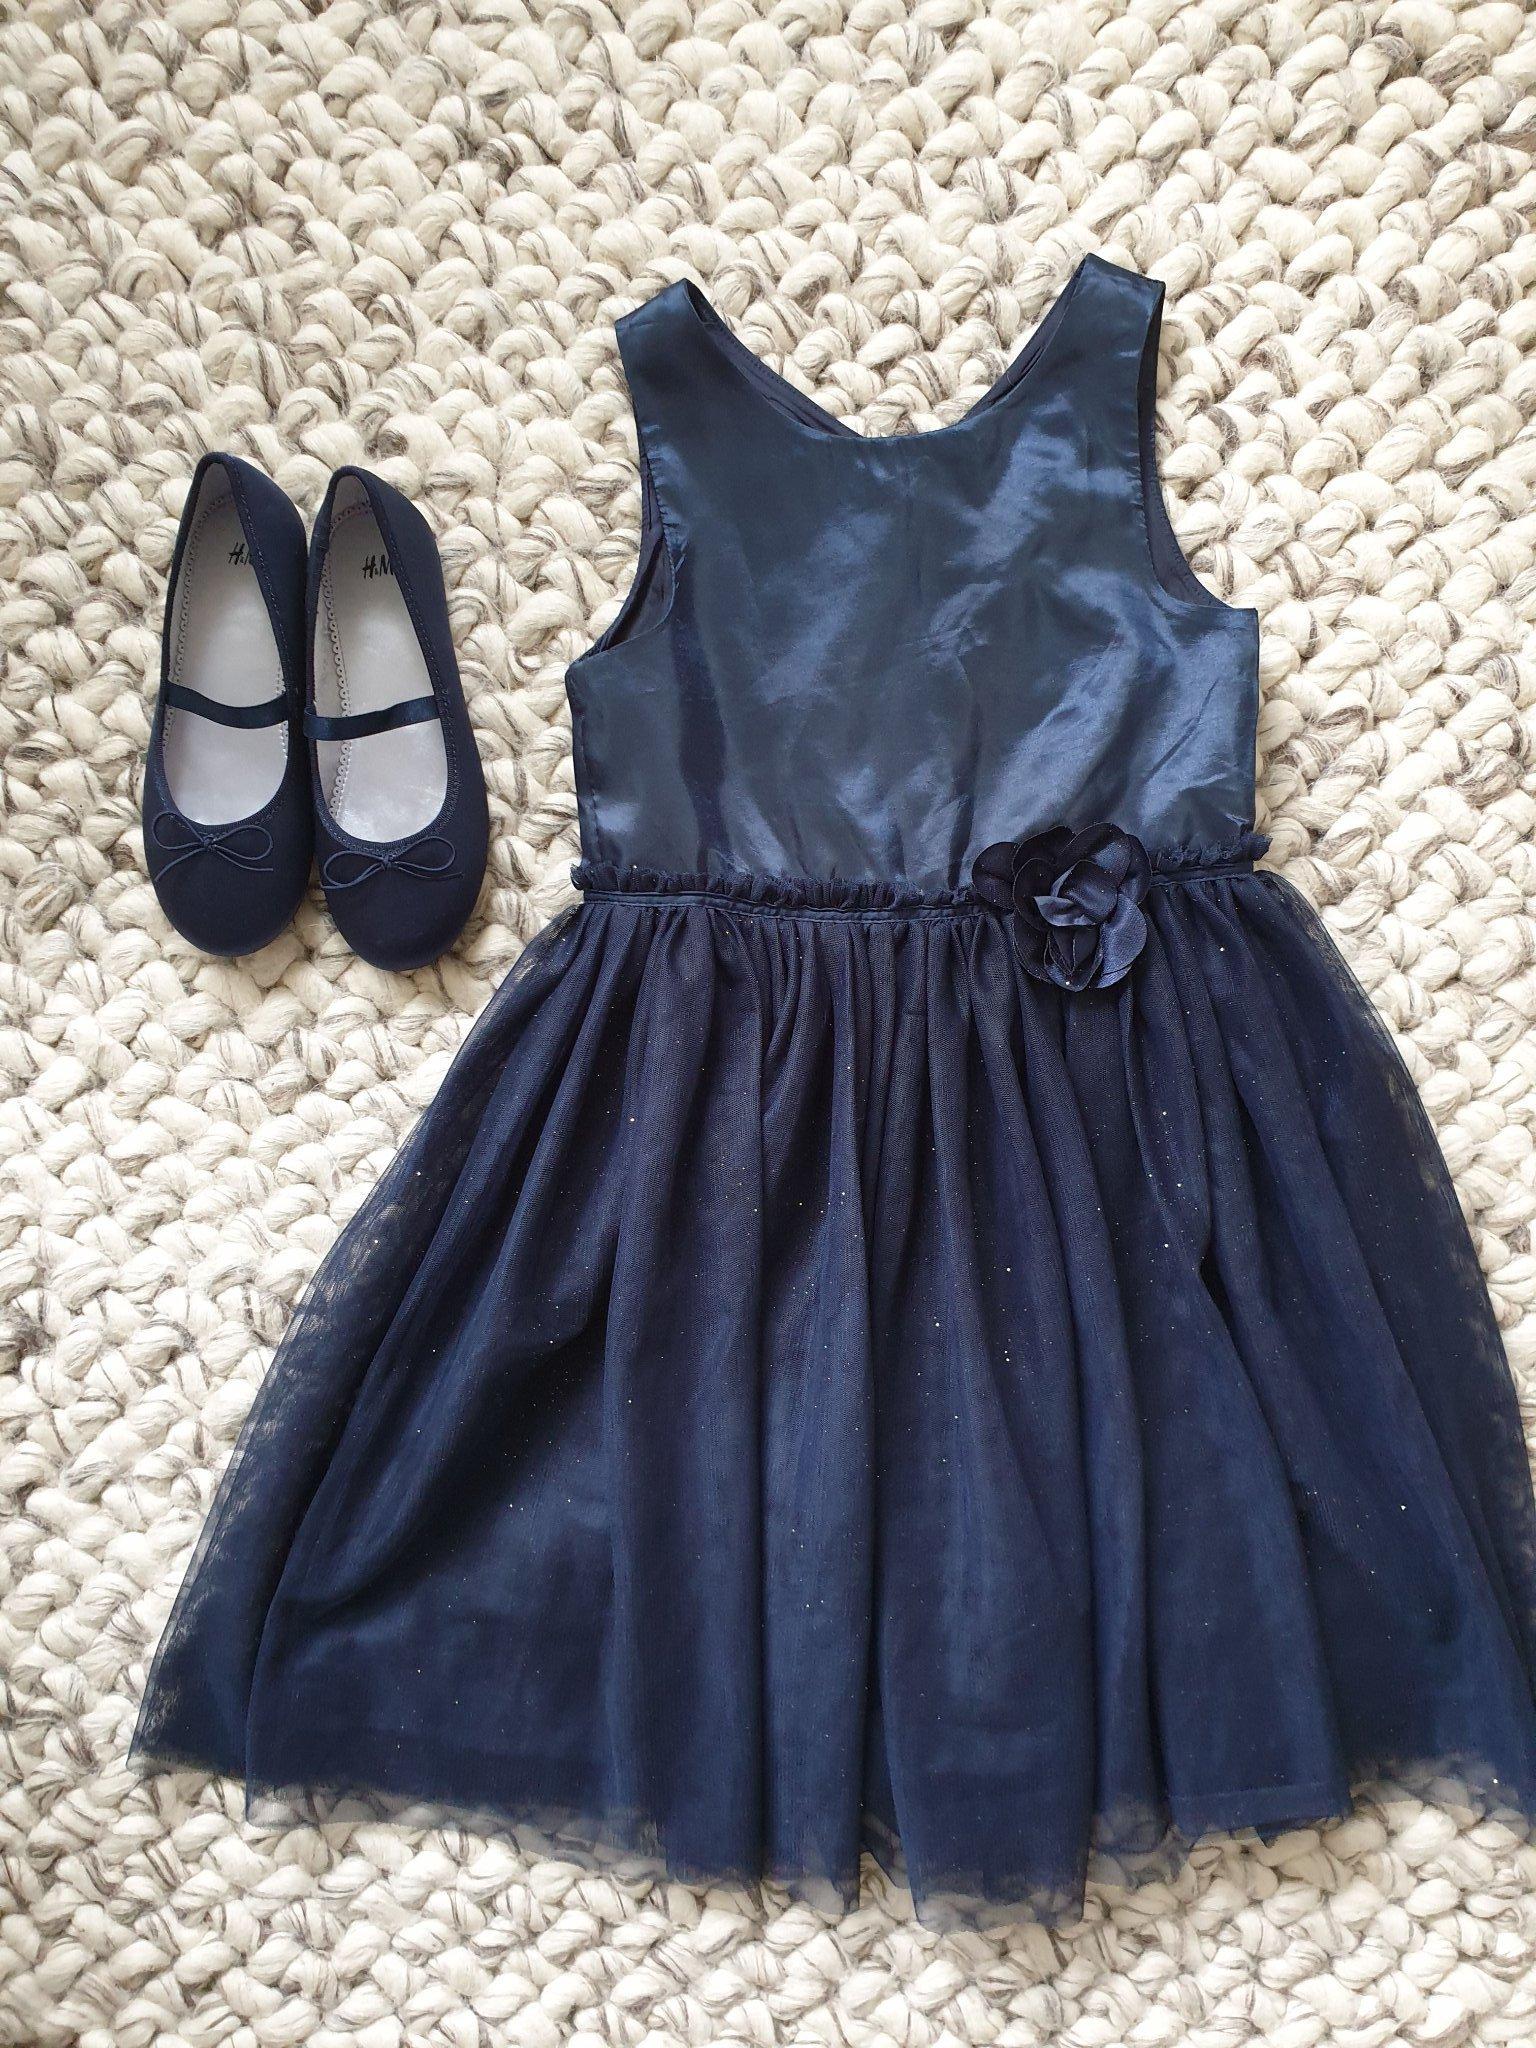 Festklänning och skor (401701636) ᐈ Köp på Tradera